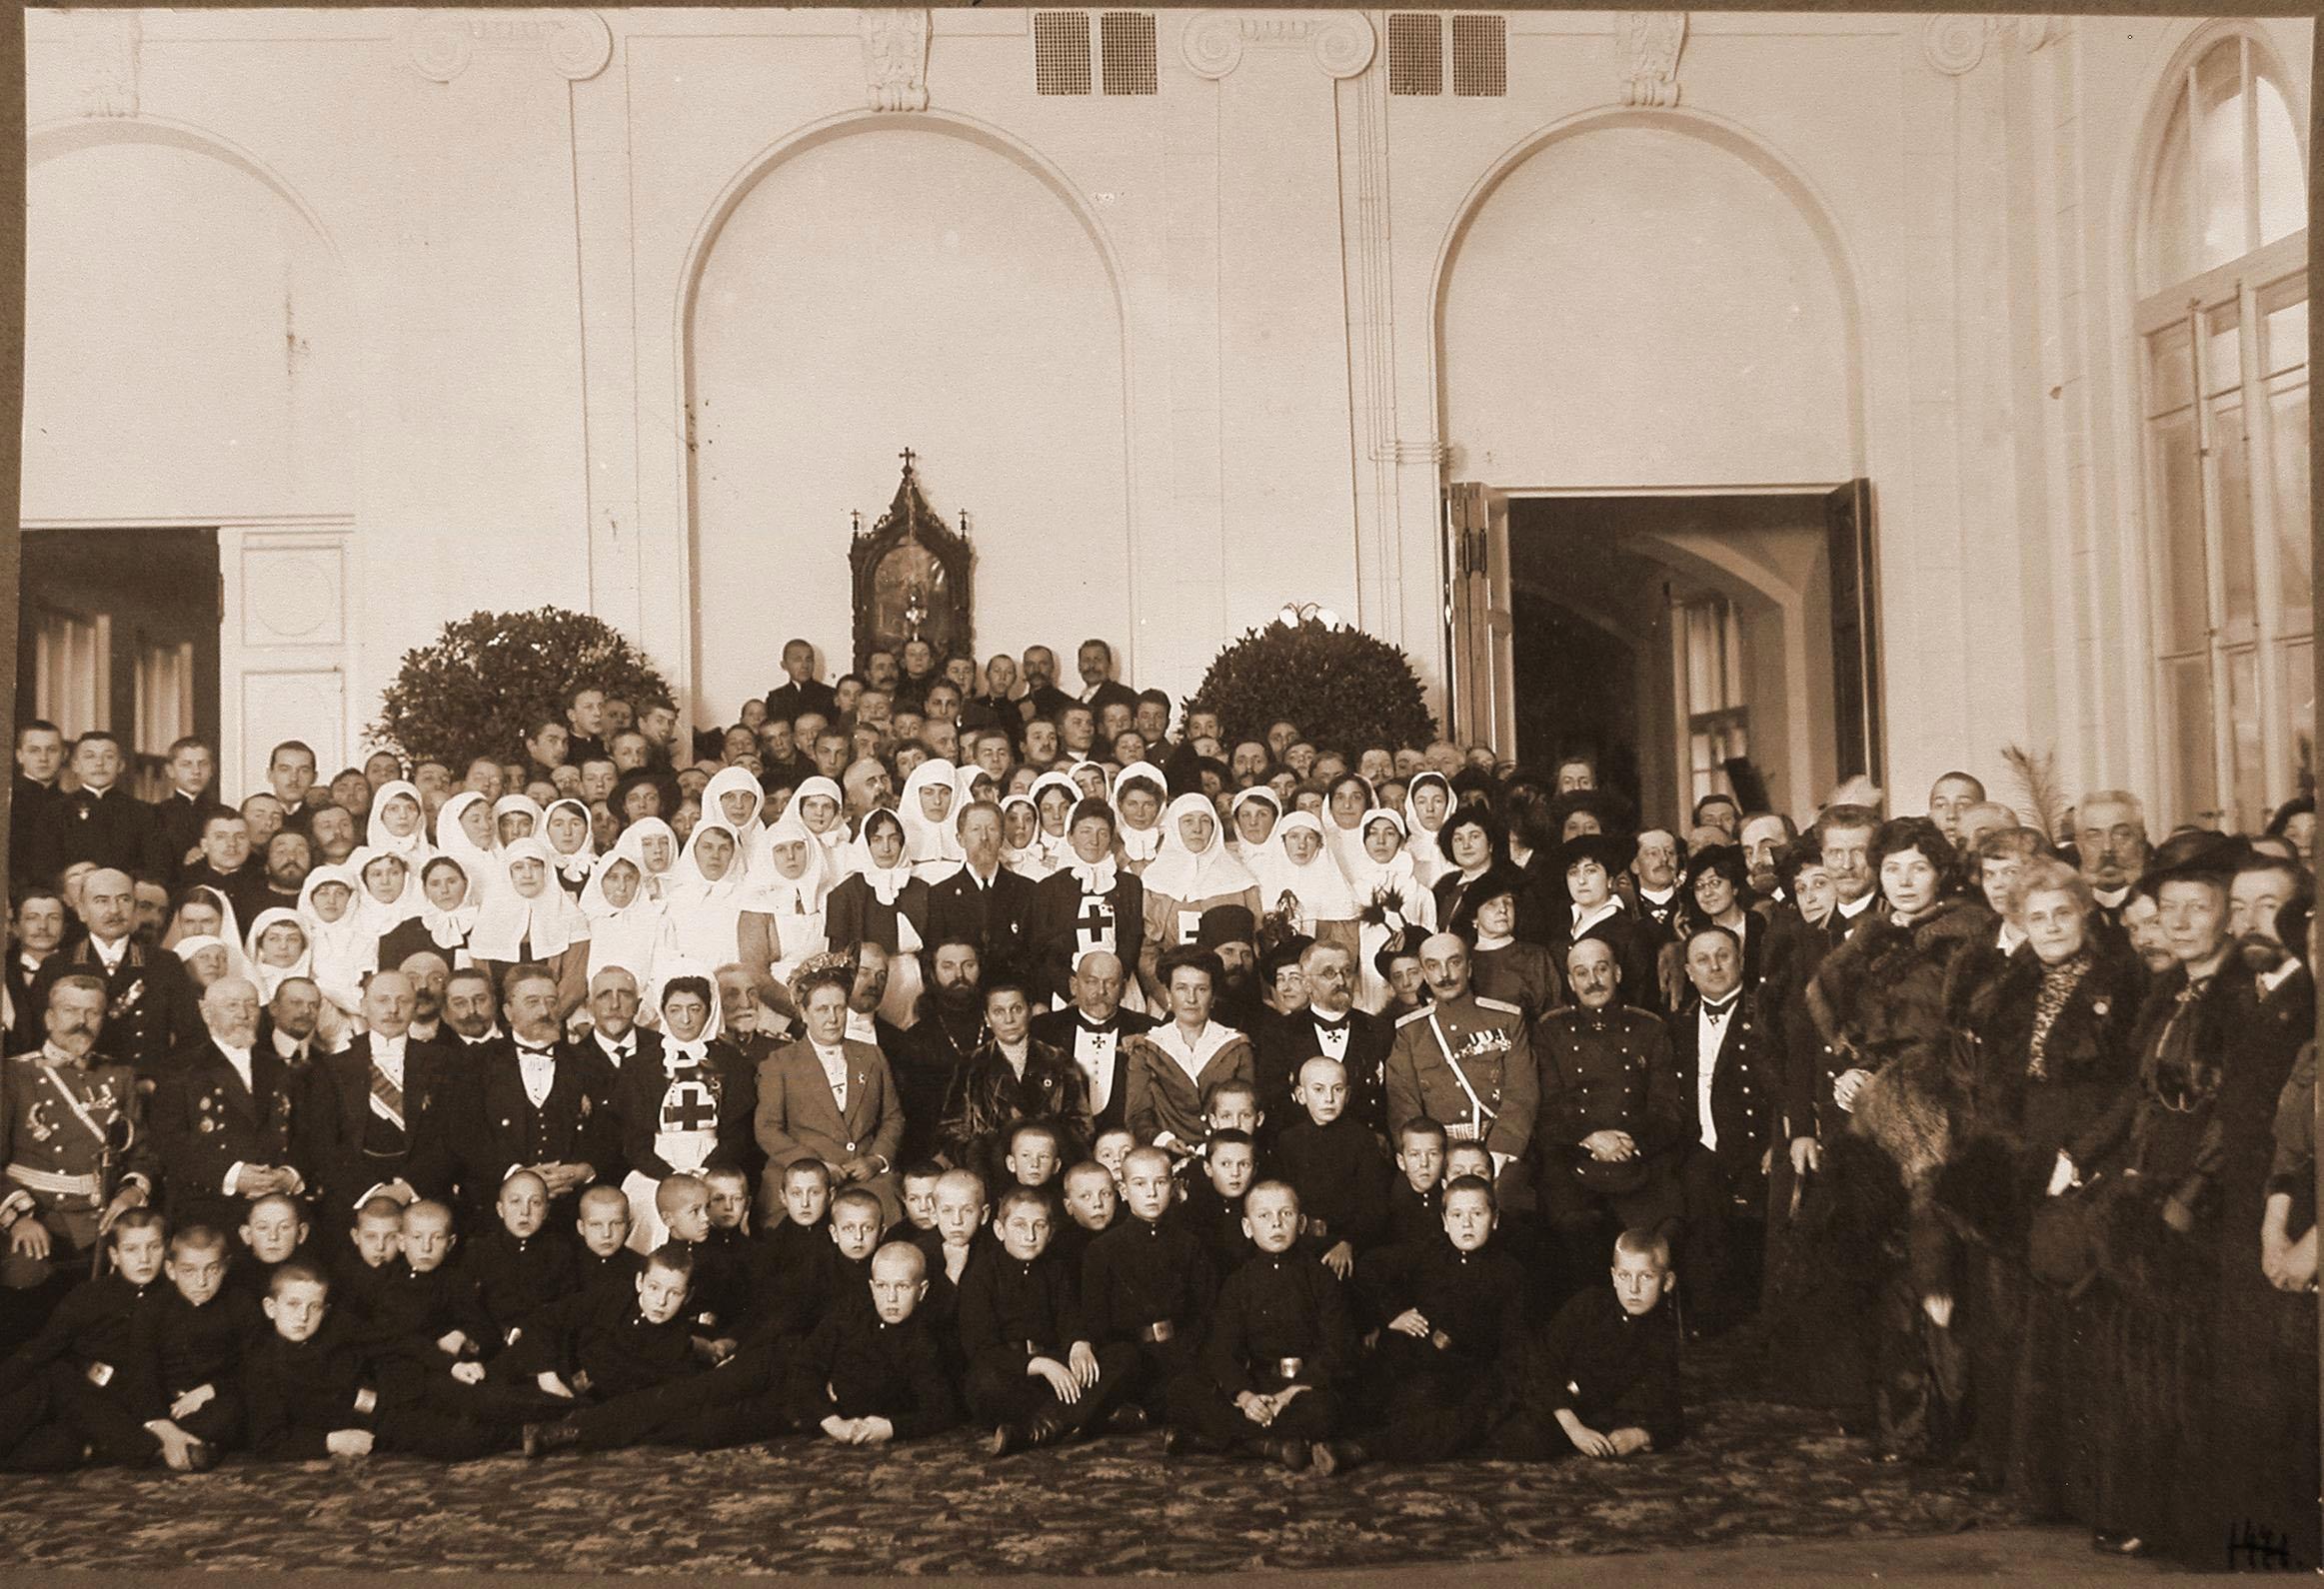 Группа участников церемонии открытия лазарета для служащих Северо-Западной железной дороги. Петроград. 19 октября 1914